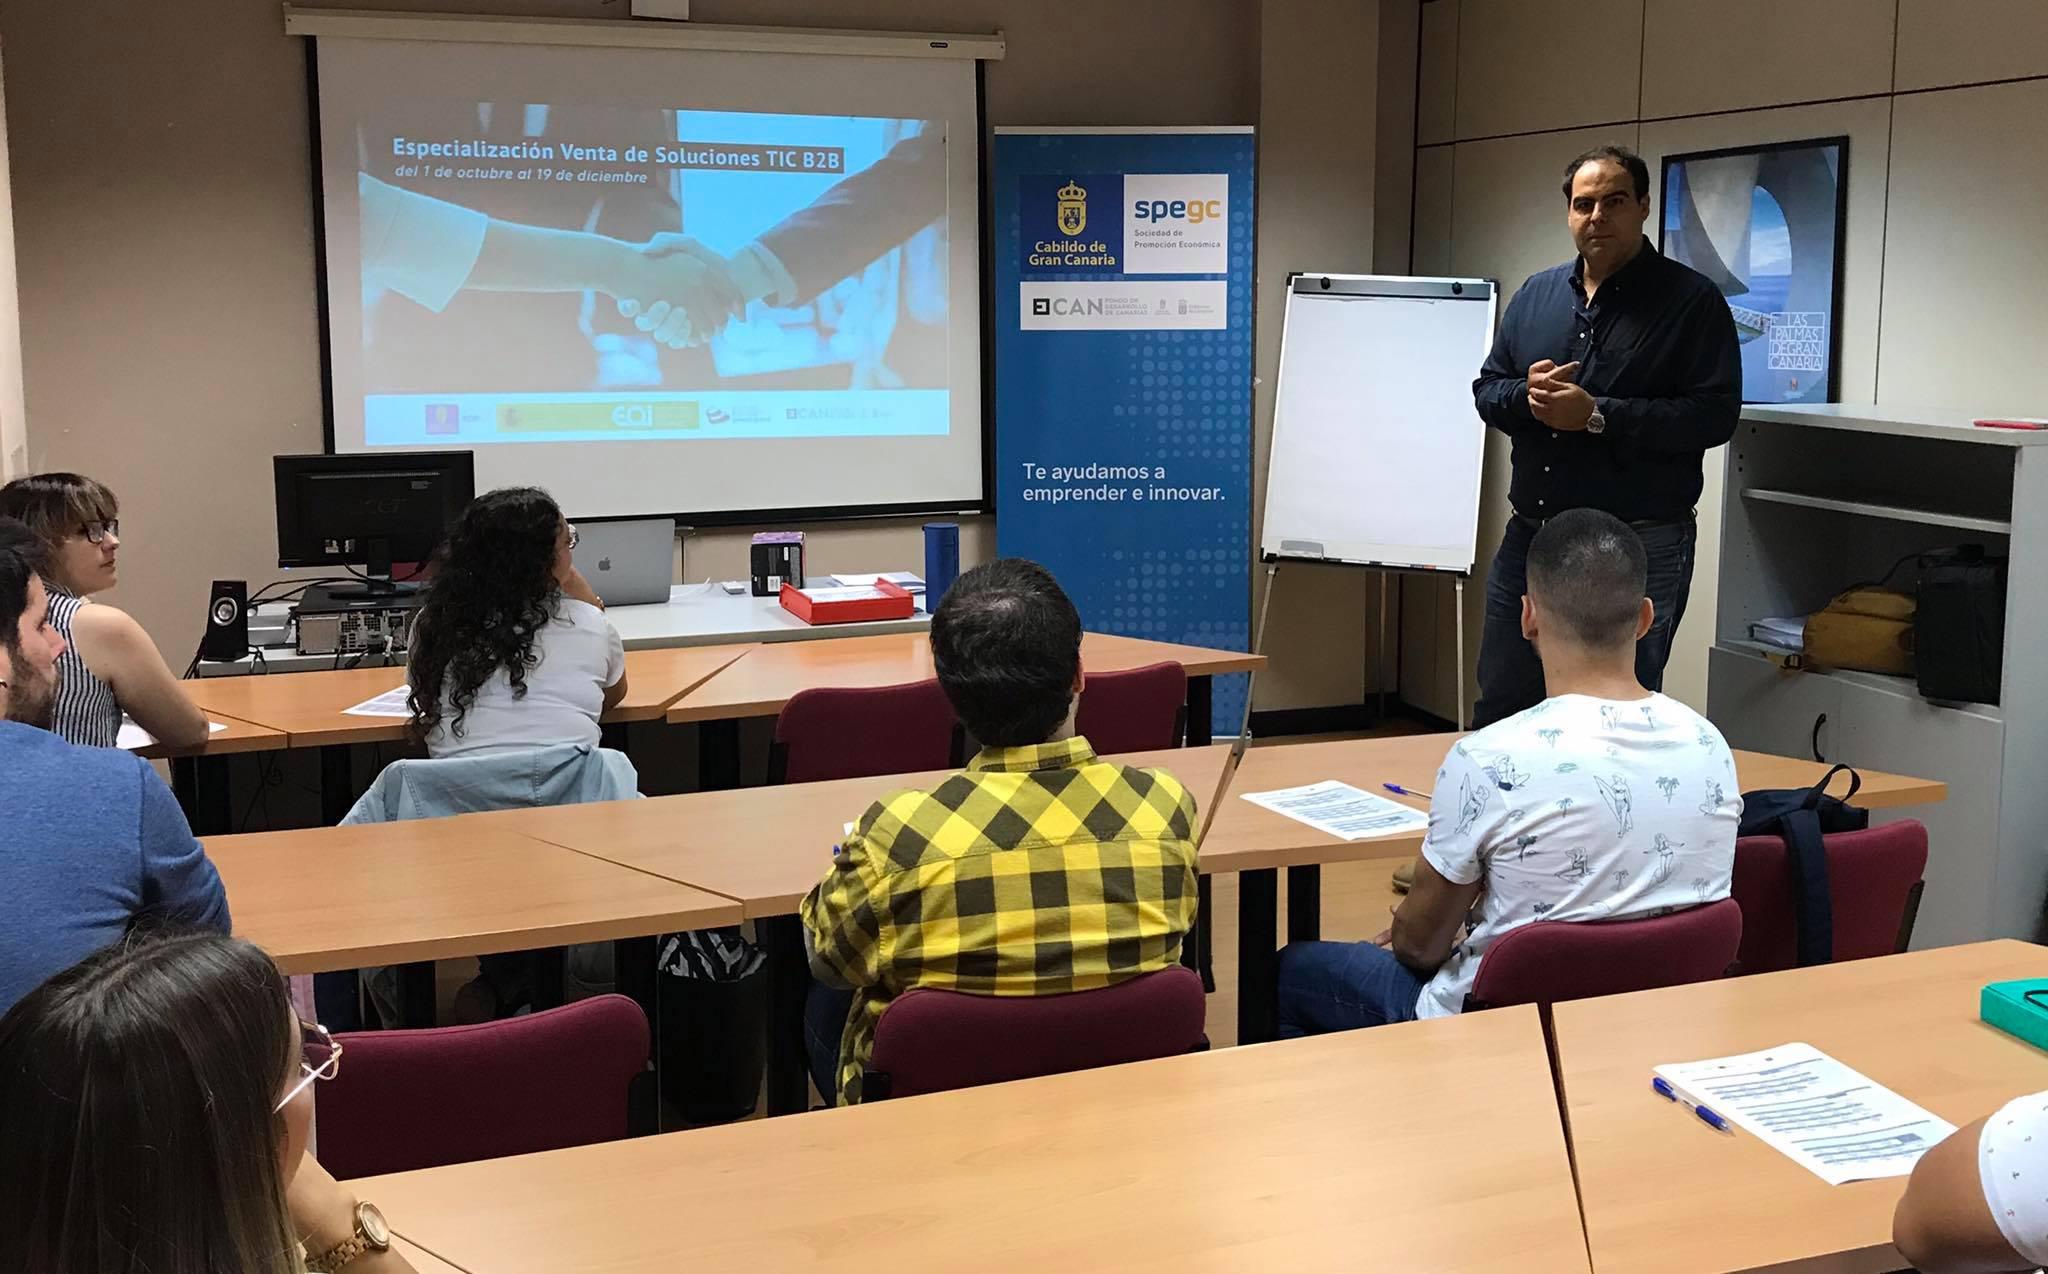 """Programa de Especialización """"Venta de Soluciones en #TIC B2B"""""""